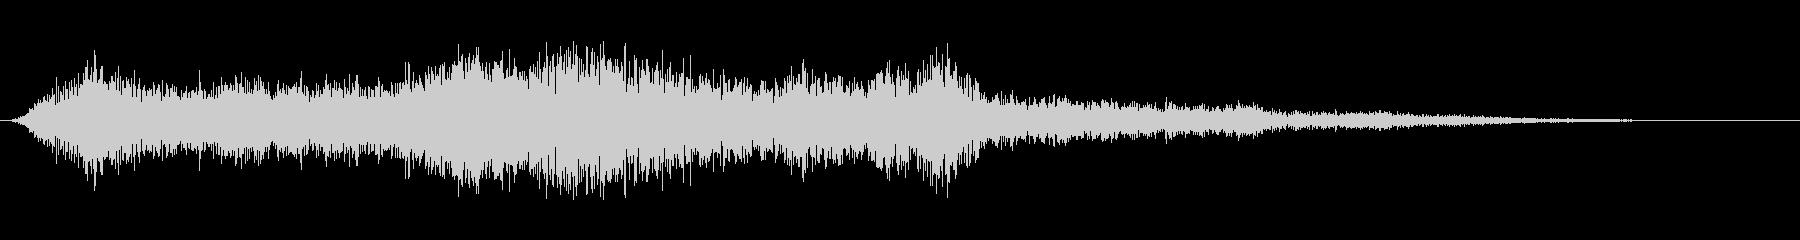 ディープスペルの未再生の波形